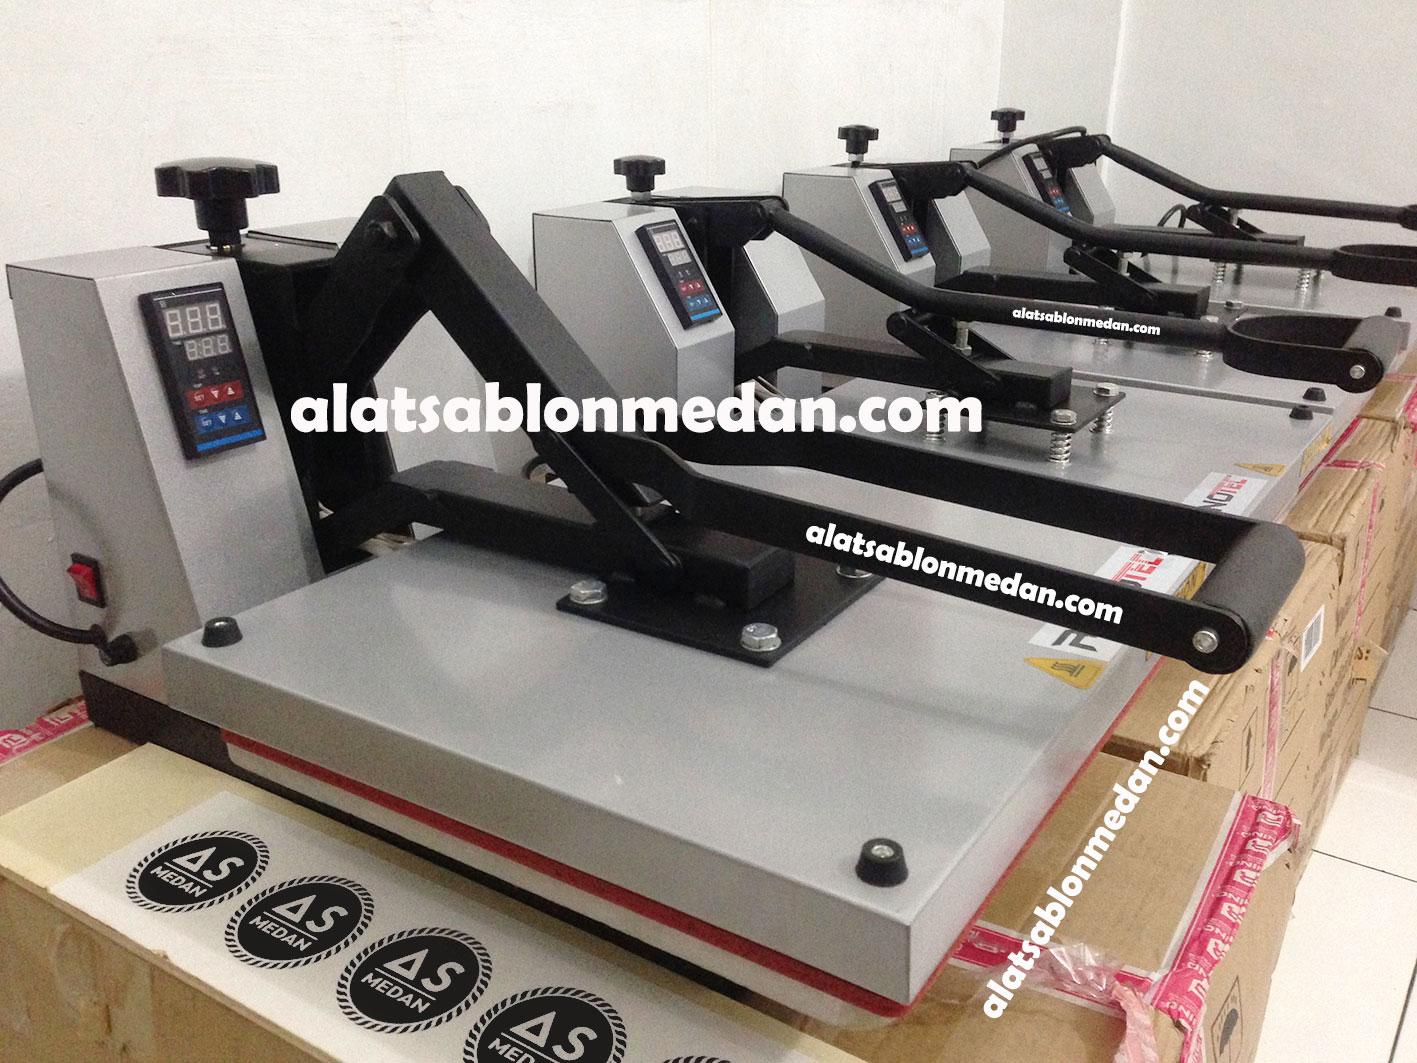 Alat sablon digital mesin press kaos